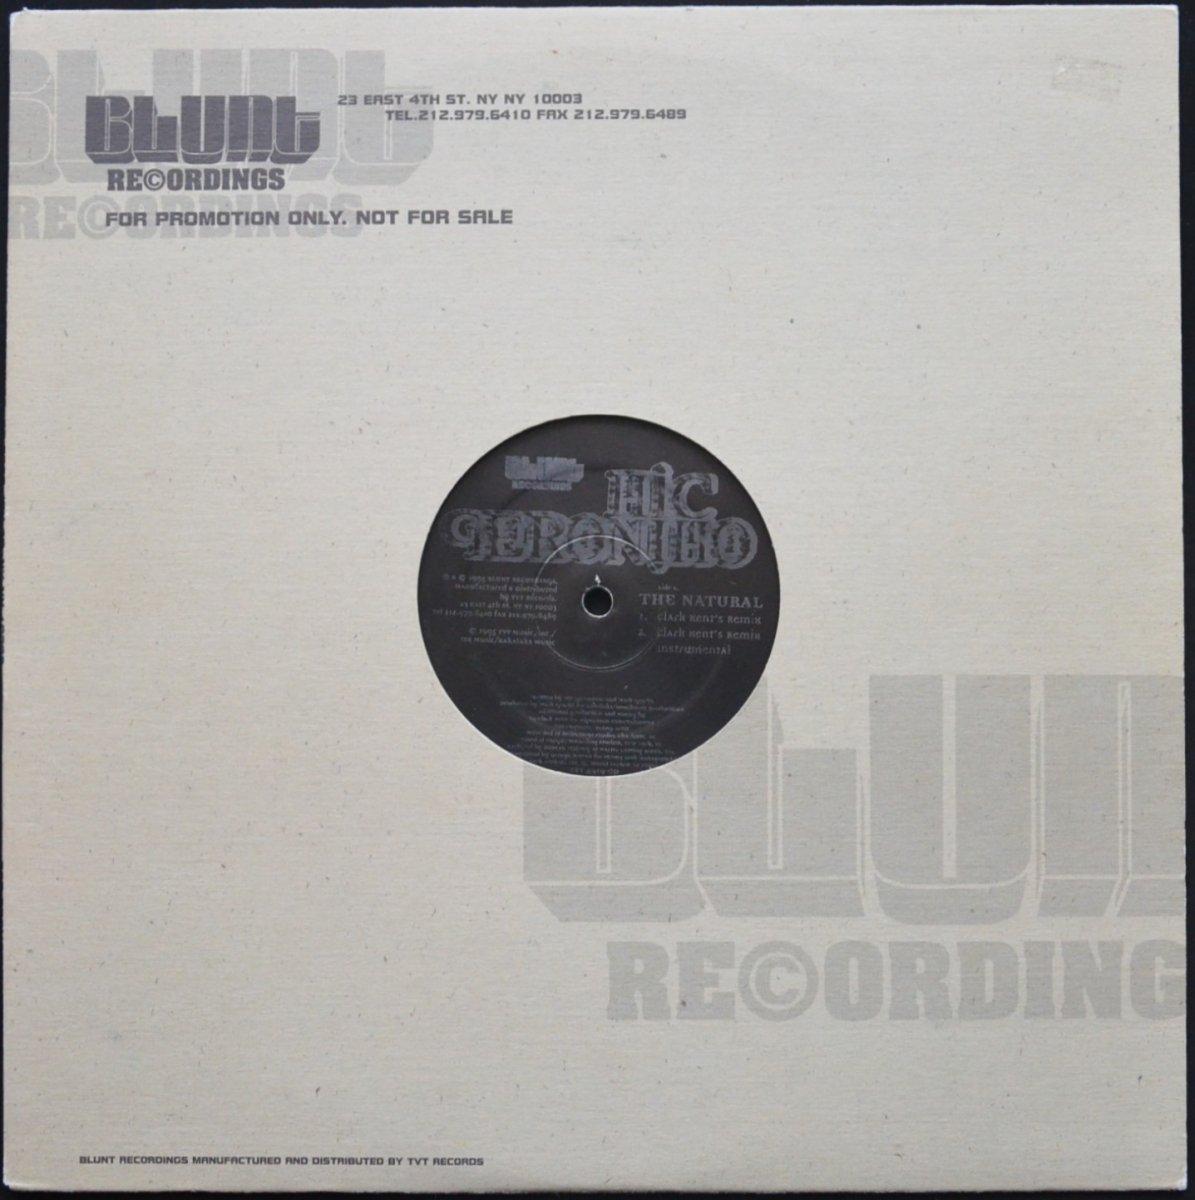 MIC GERONIMO / THE NATURAL - DJ CLARK KENT REMIX (REMIXES) (12